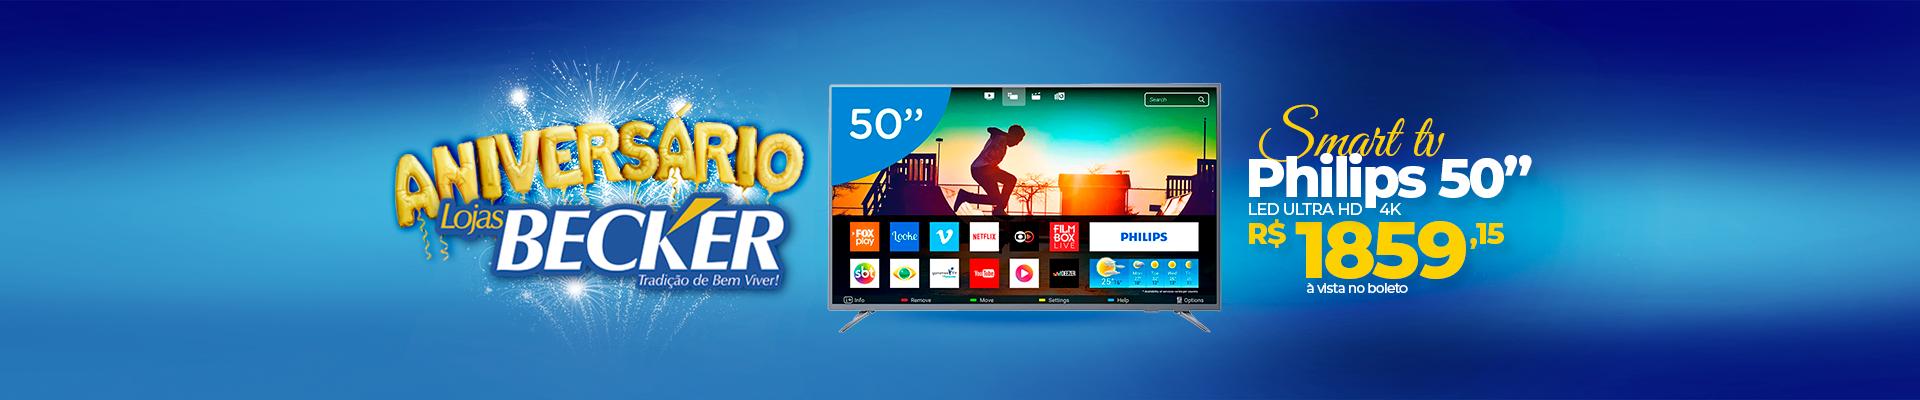 SMART TV PHILIPS 50